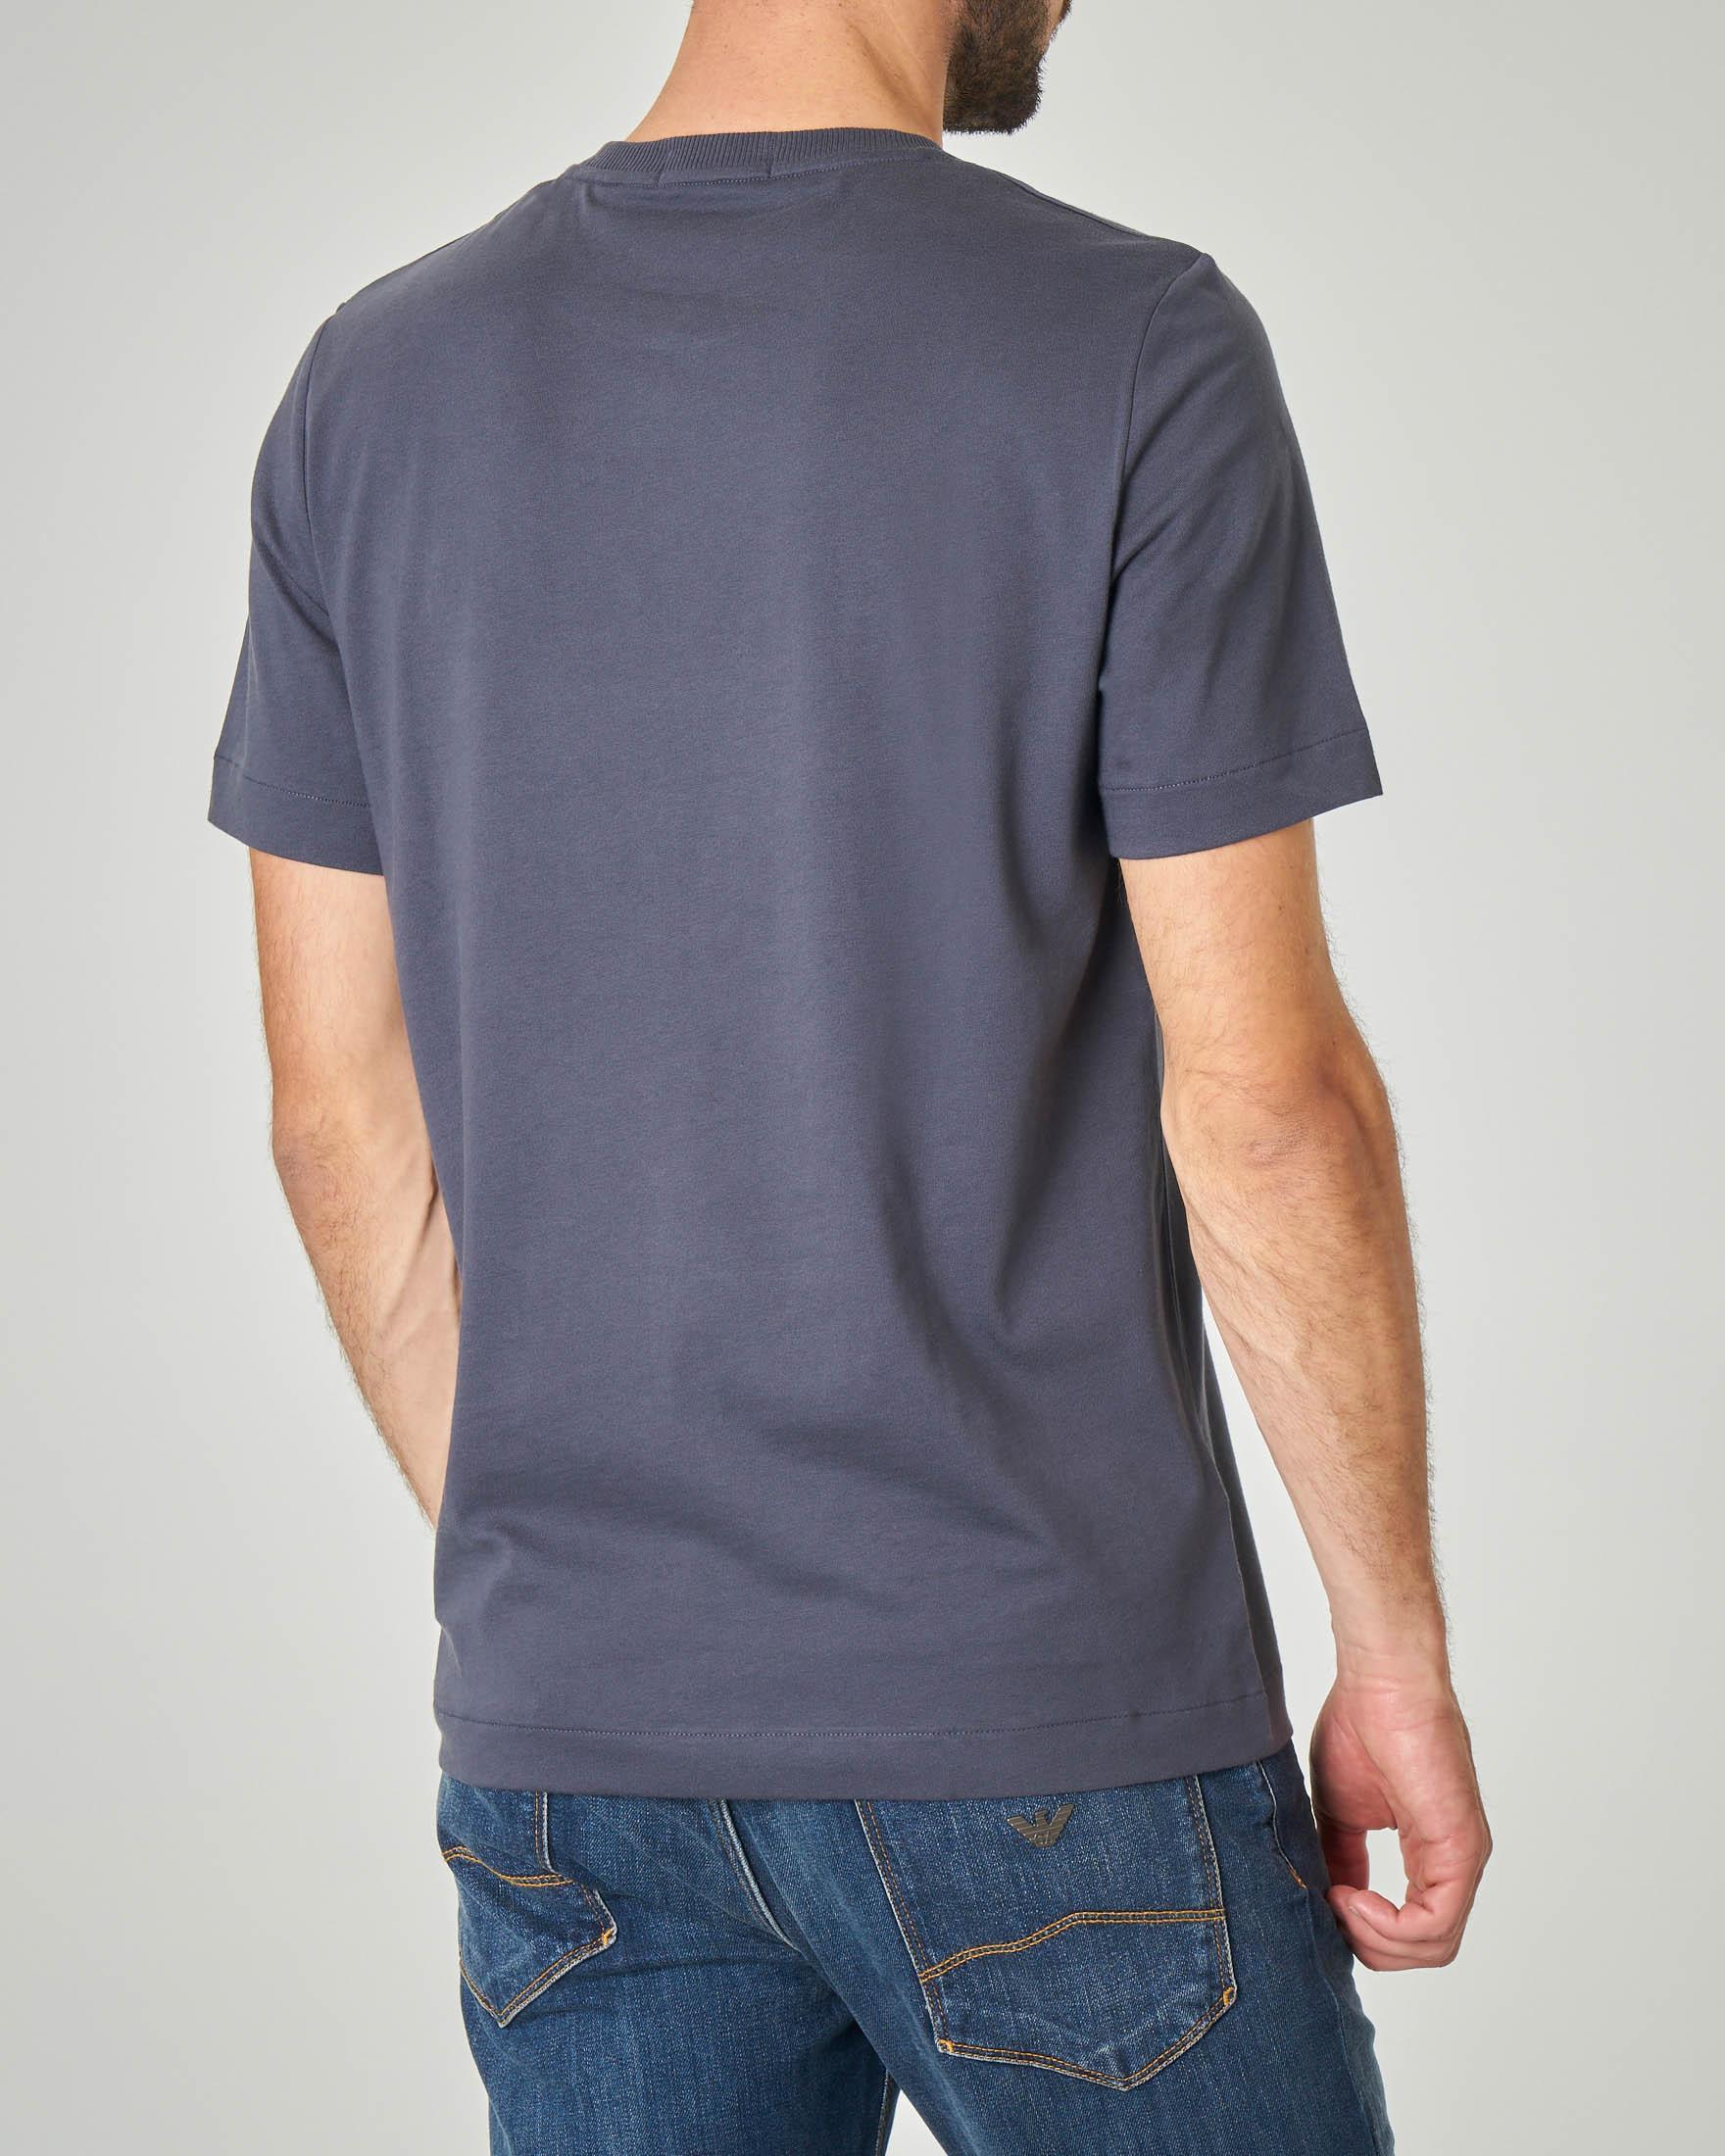 T-shirt blu con patch nero e logo stampato